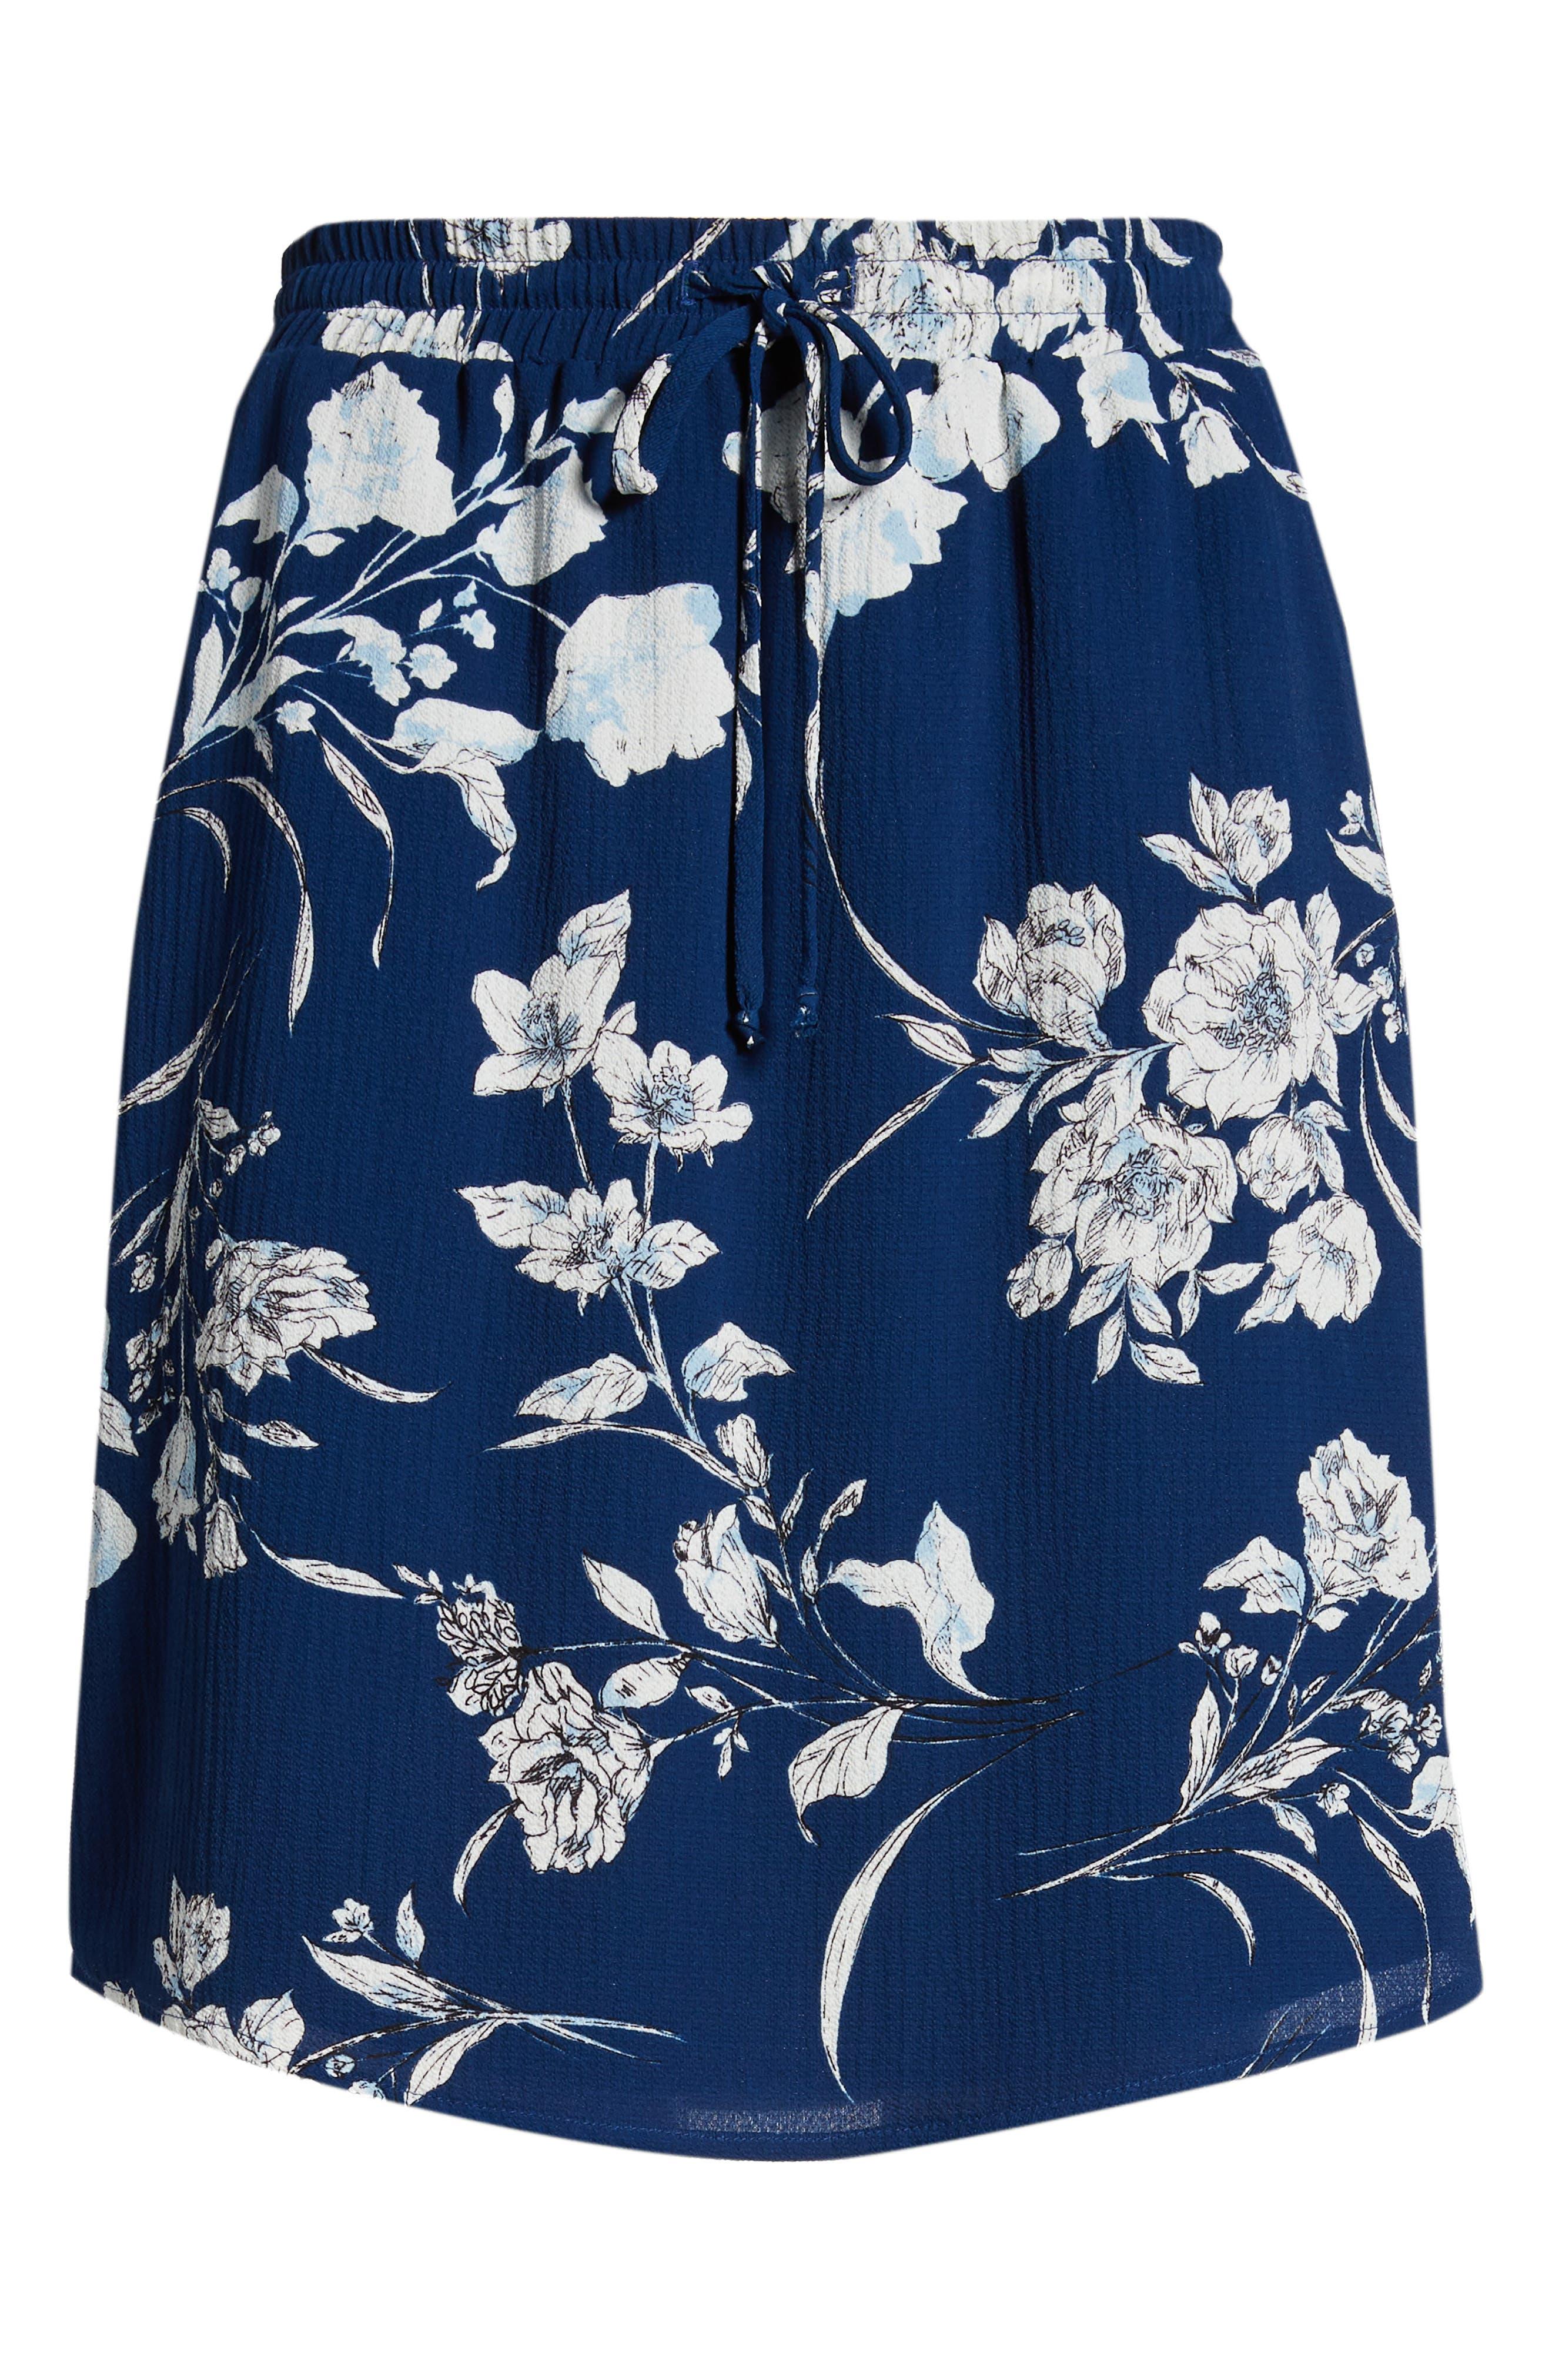 x Hi Sugarplum! Monterey Easy Skirt,                             Alternate thumbnail 12, color,